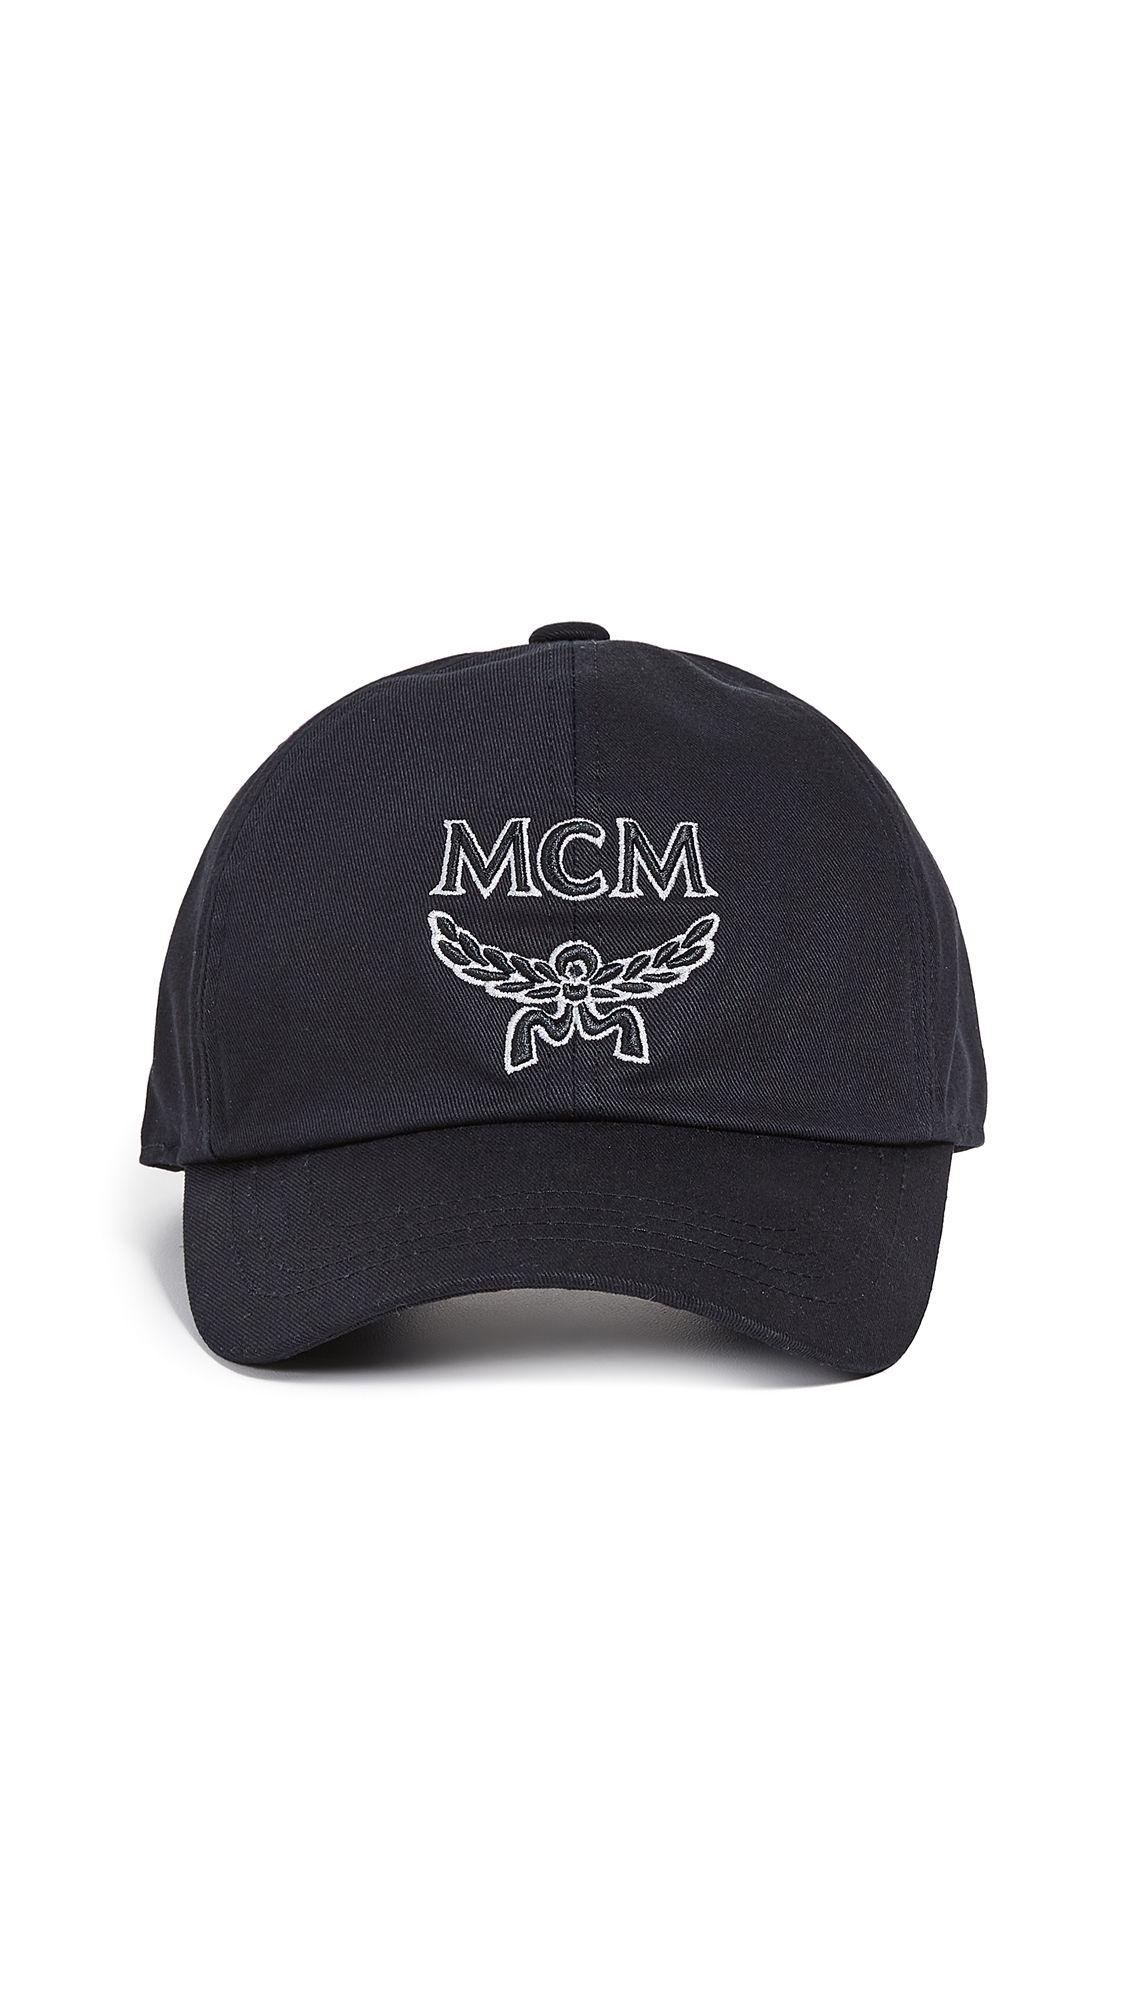 f58a764bfa67f MCM LOGO CAP.  mcm